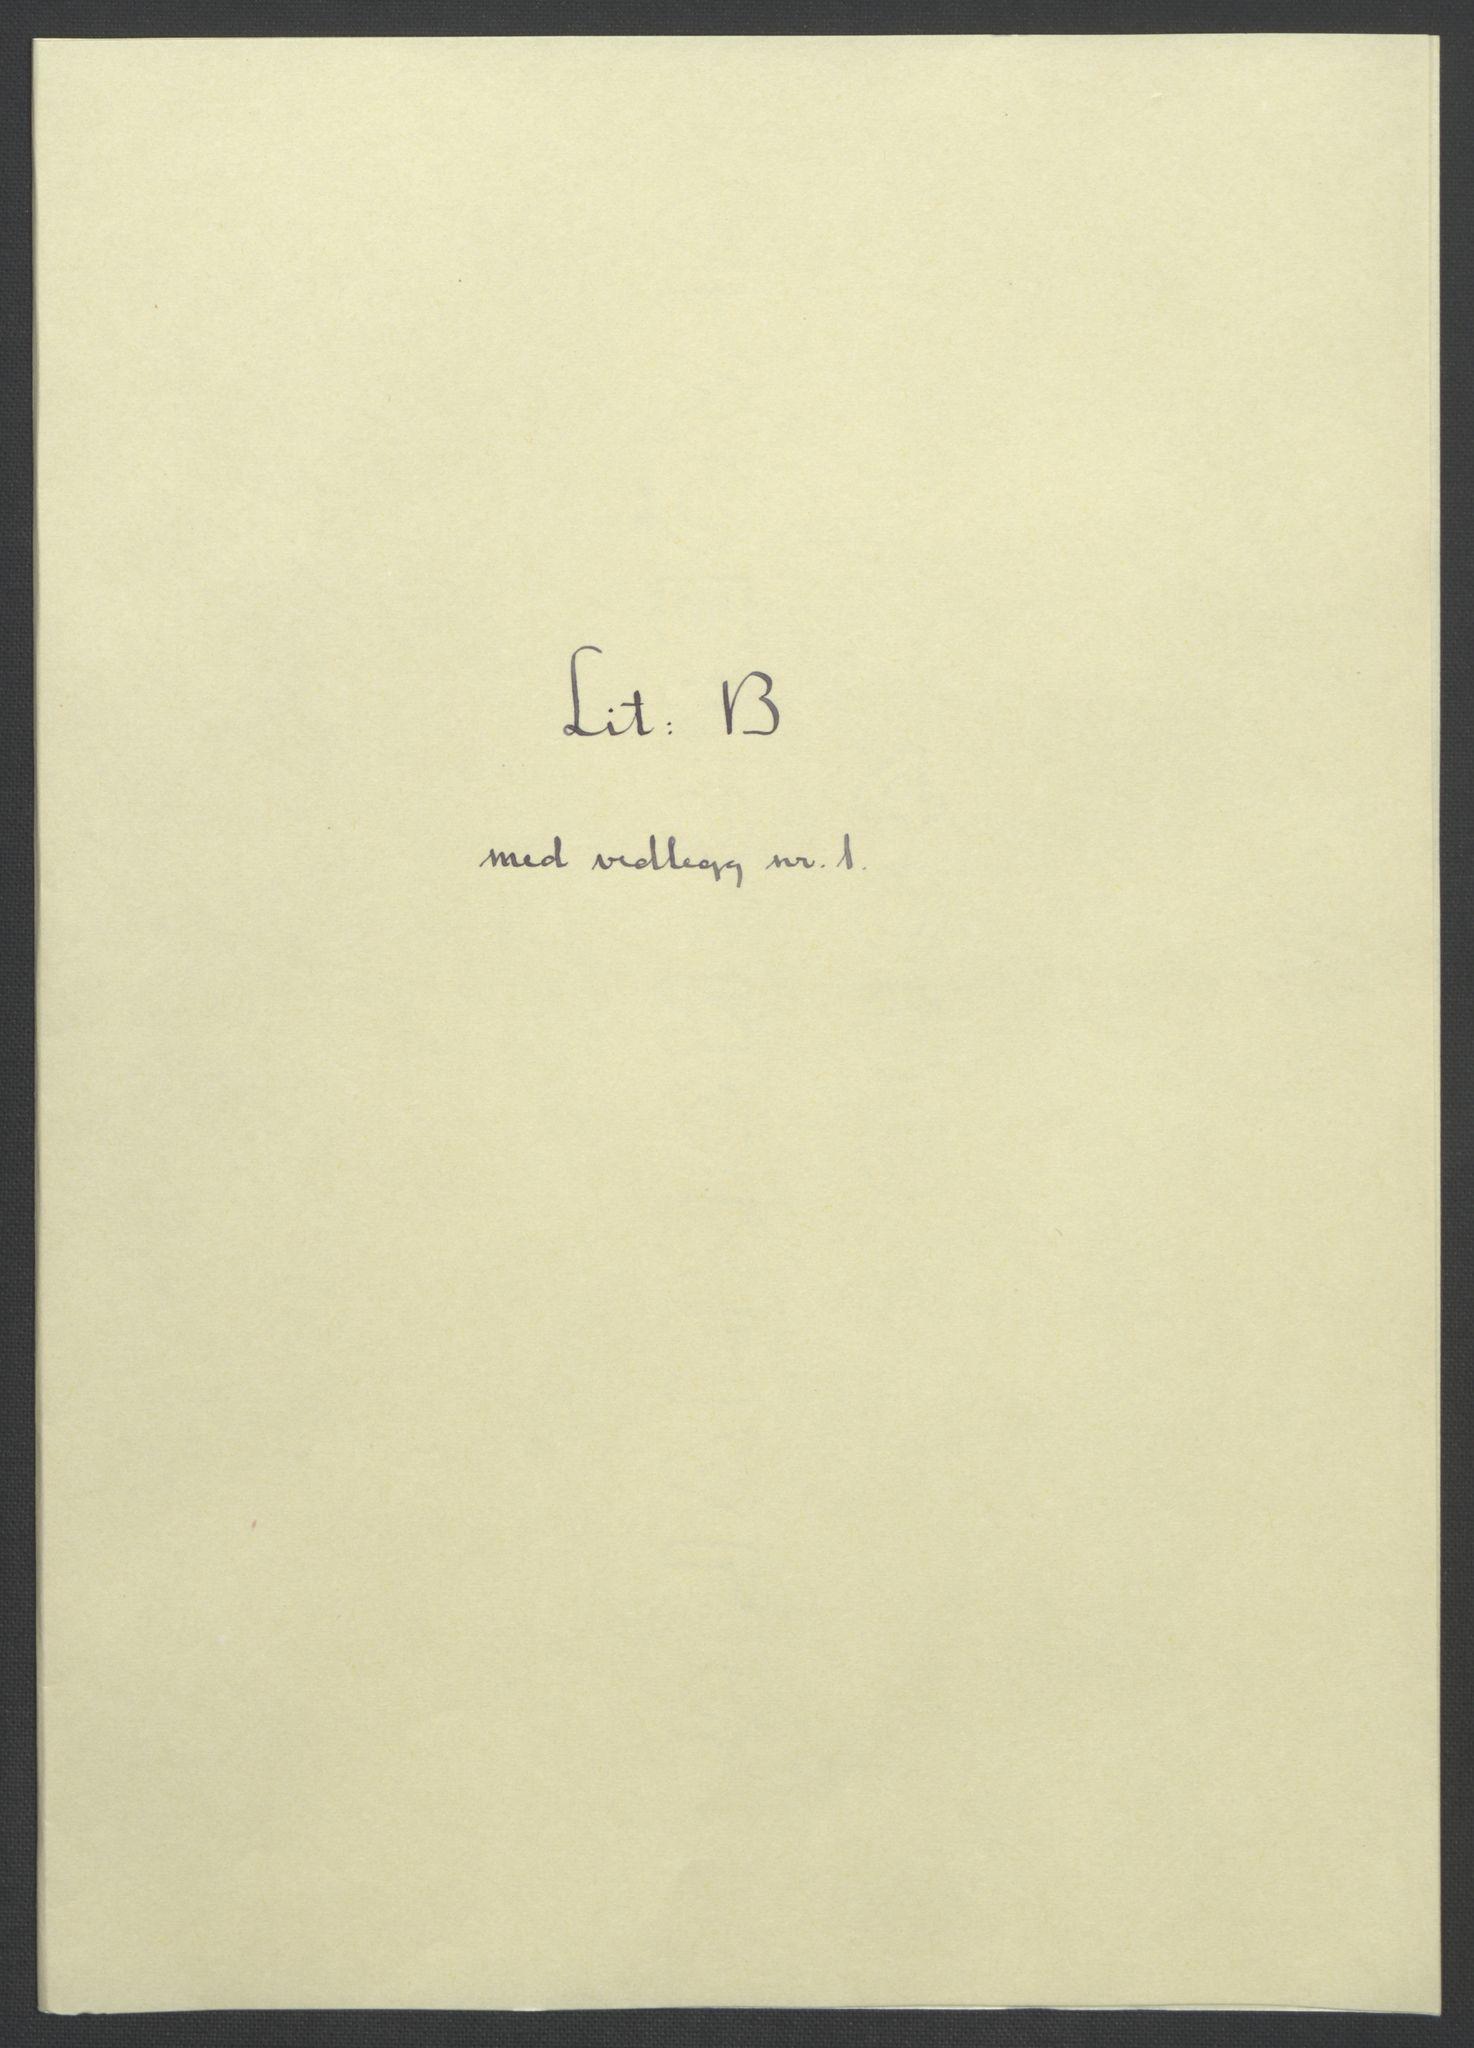 RA, Rentekammeret inntil 1814, Reviderte regnskaper, Fogderegnskap, R53/L3420: Fogderegnskap Sunn- og Nordfjord, 1691-1692, s. 155